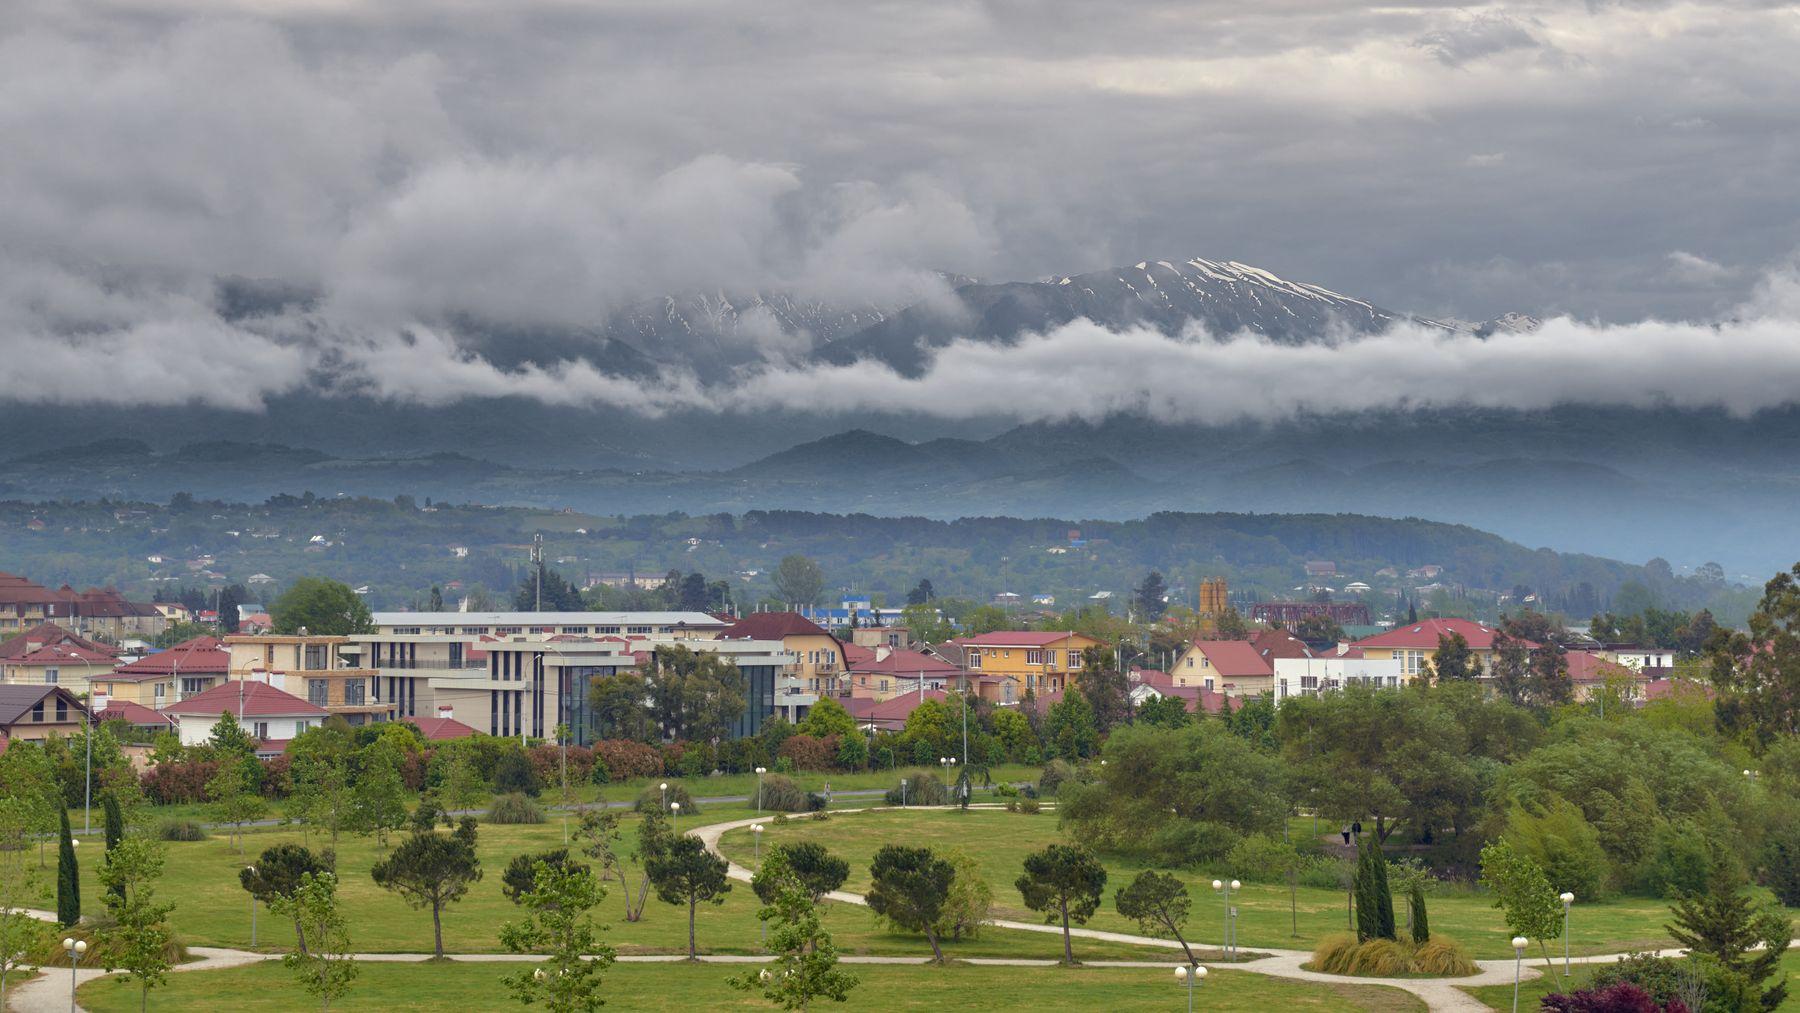 Имеретинская низменность Парк посёлок Адлер горы облака